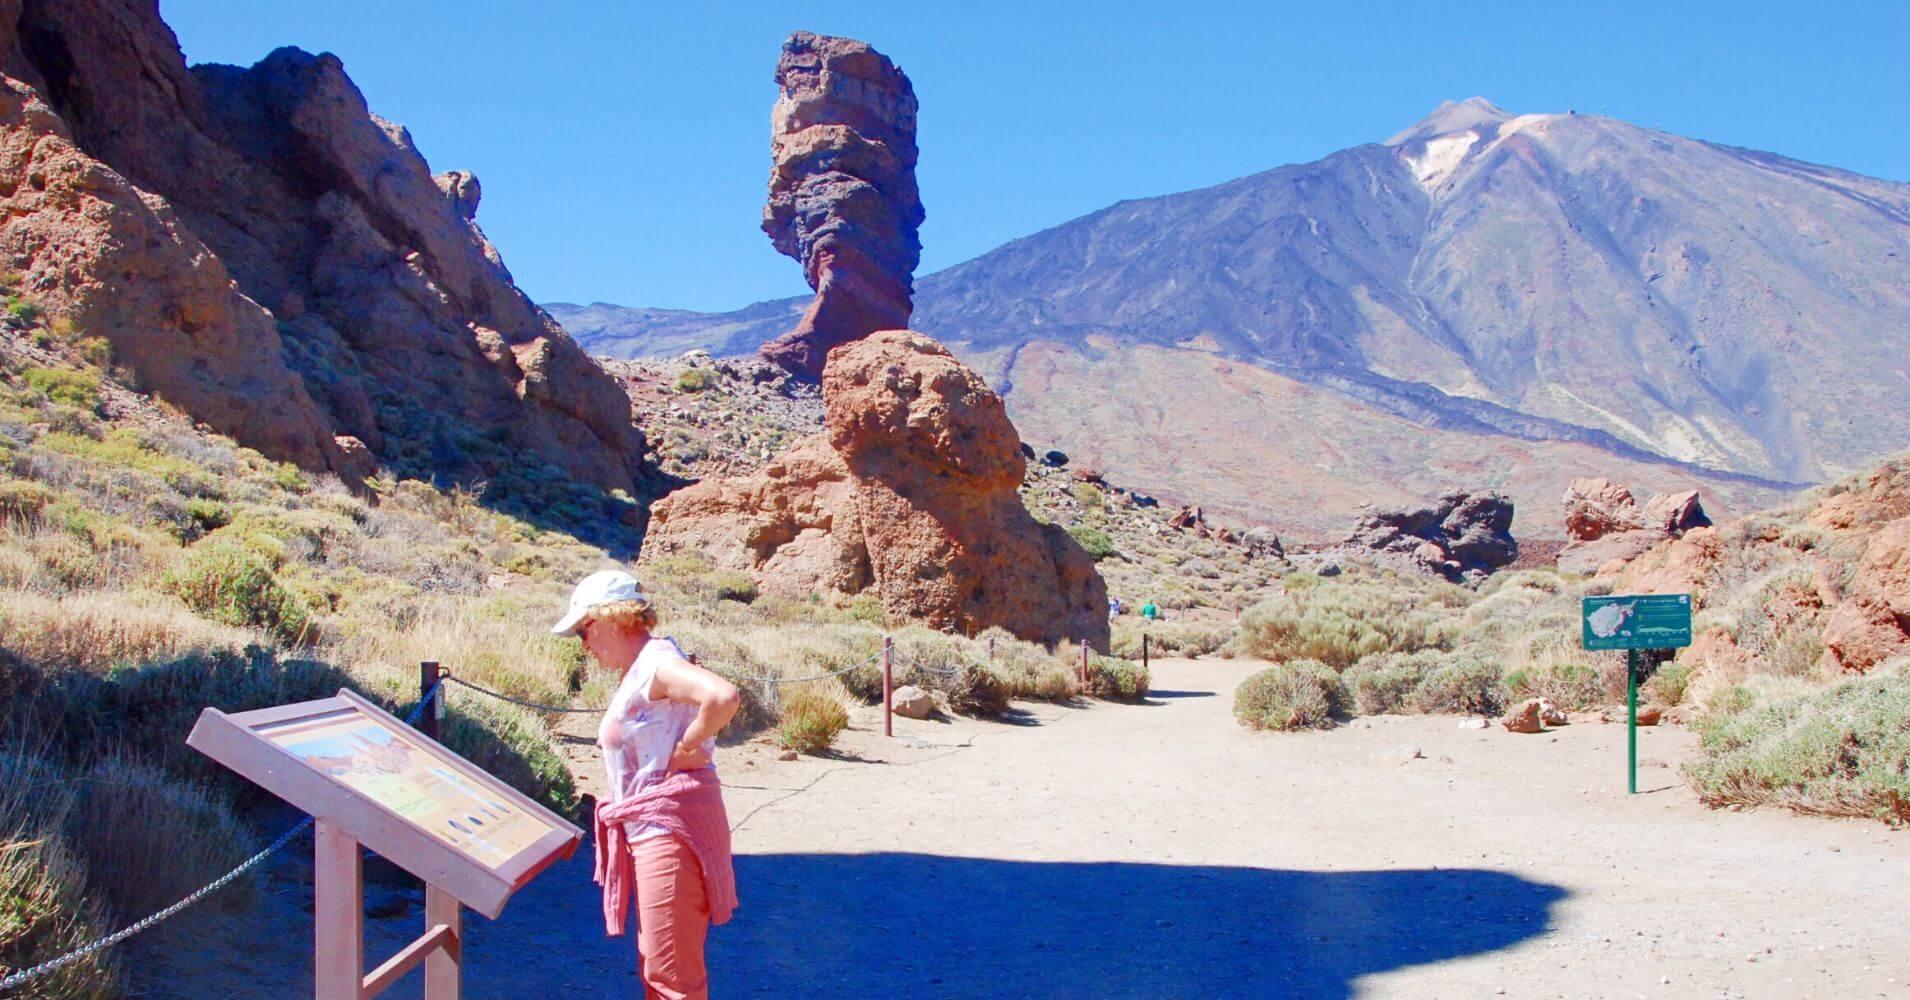 Roques de García. Parque Nacional de las Cañadas del Teide. Isla de Tenerife. Islas Canarias.